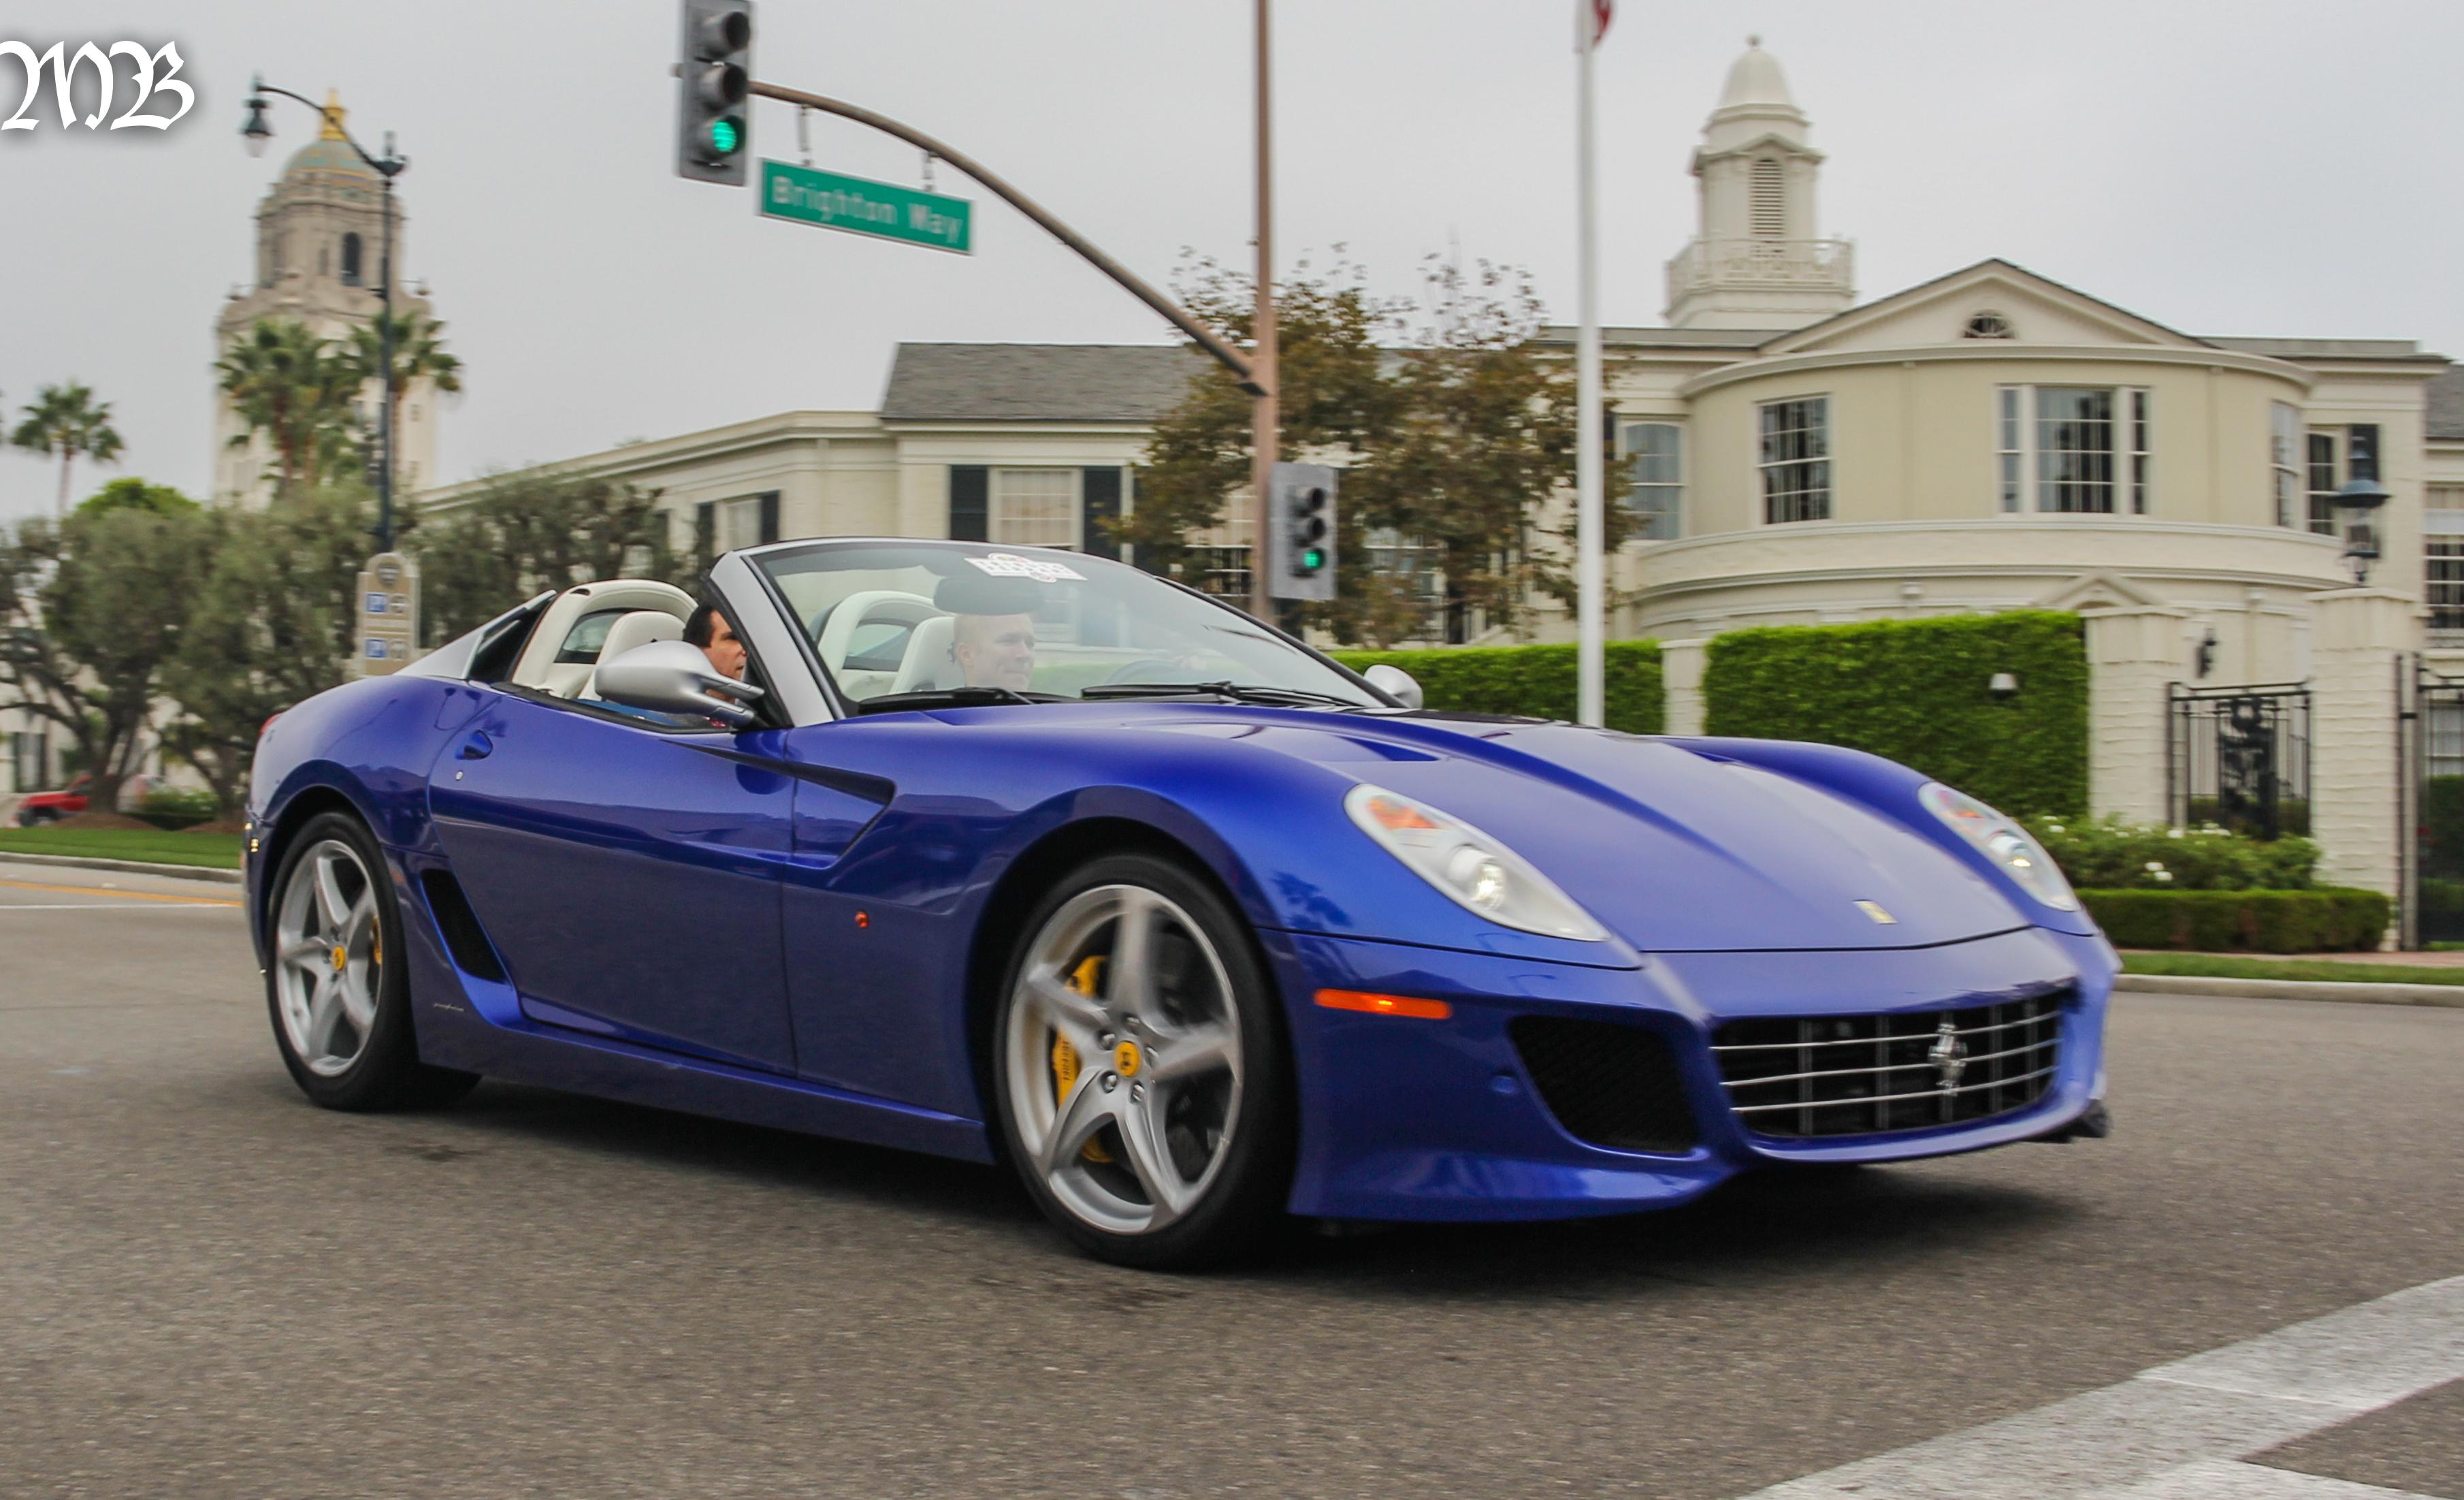 Hintergrundbilder : Kalifornien, blau, Italien, Farbe, Autos, Farben ...